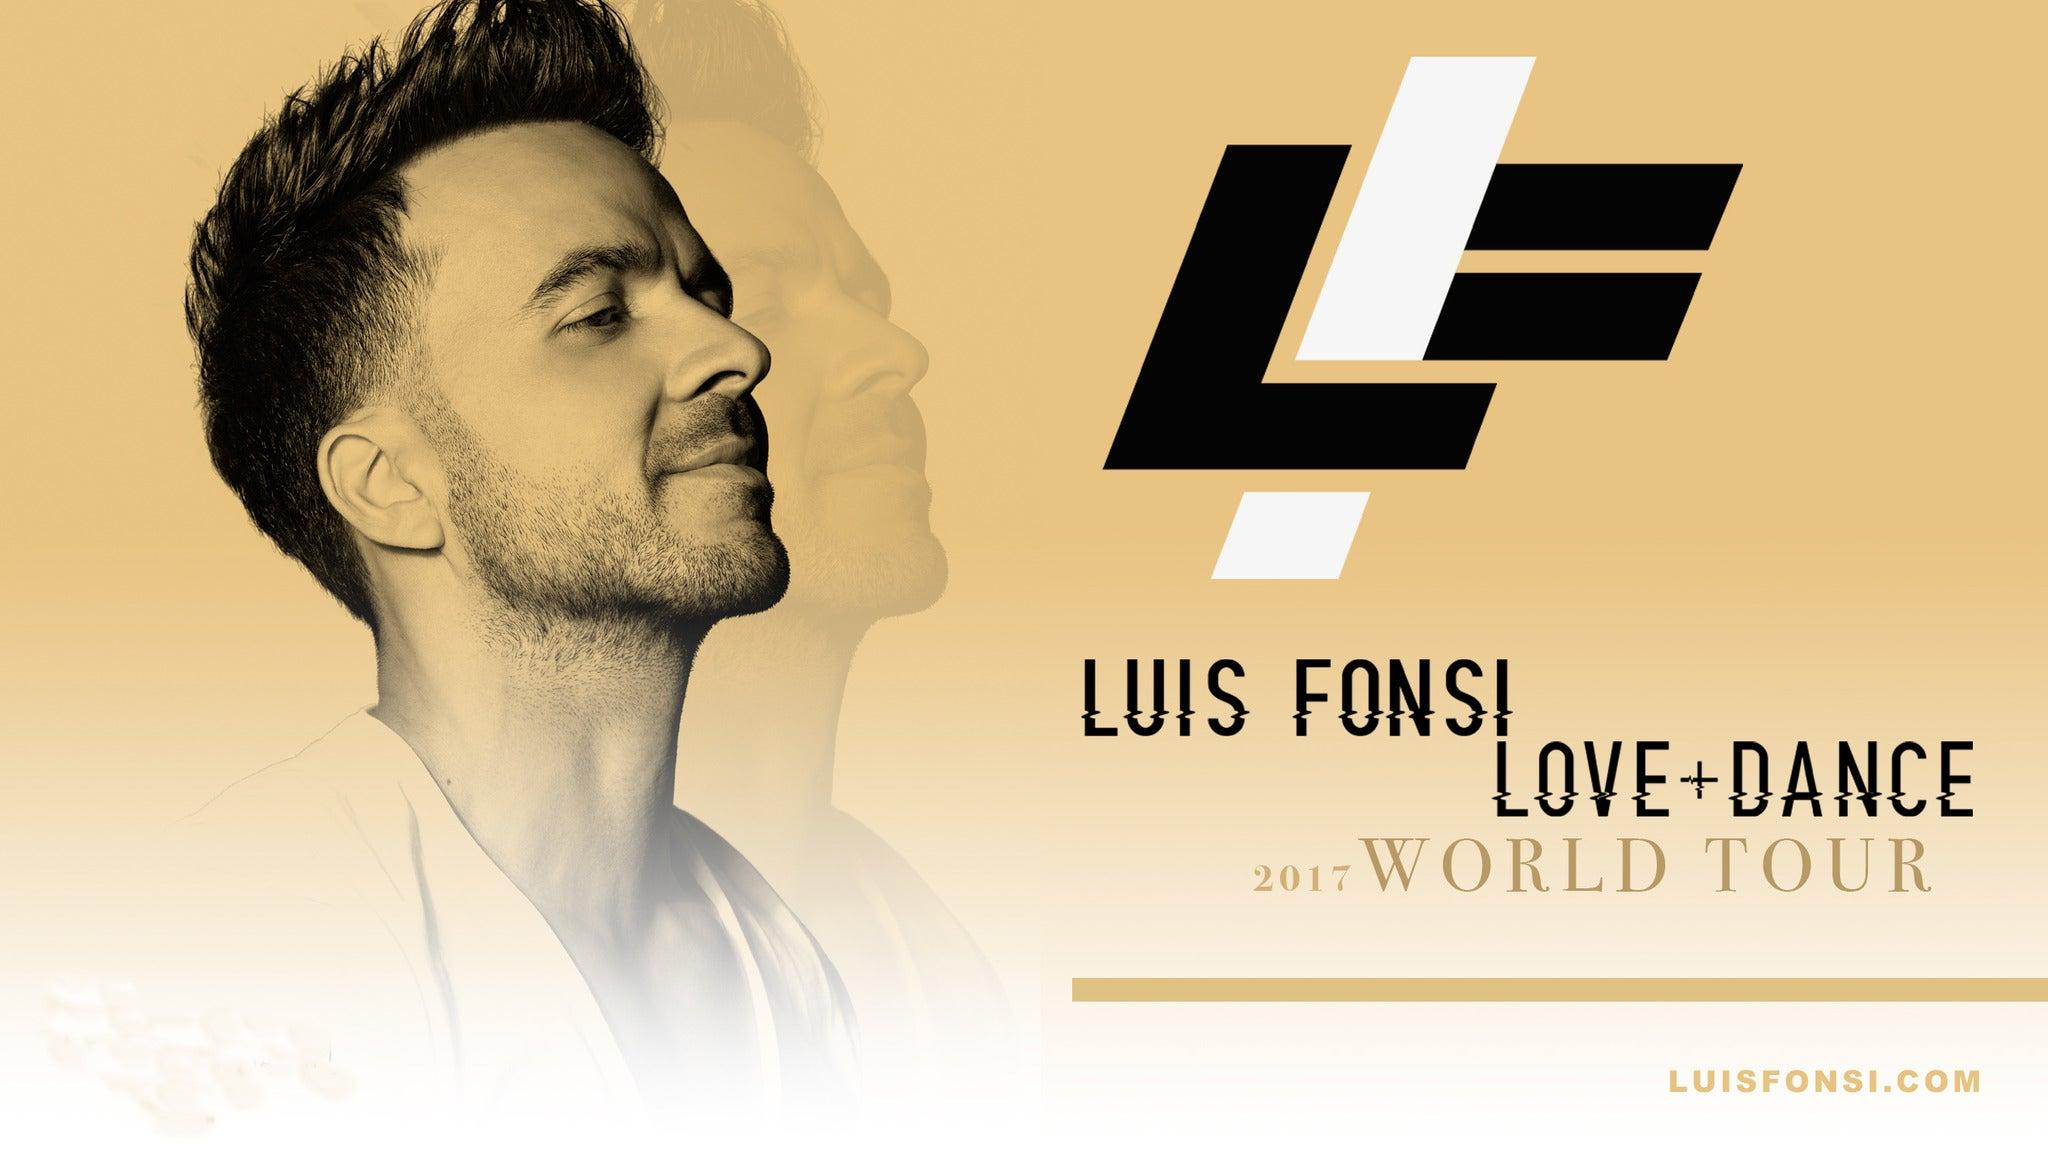 Luis Fonsi Love + Dance World Tour at Hard Rock Live Orlando